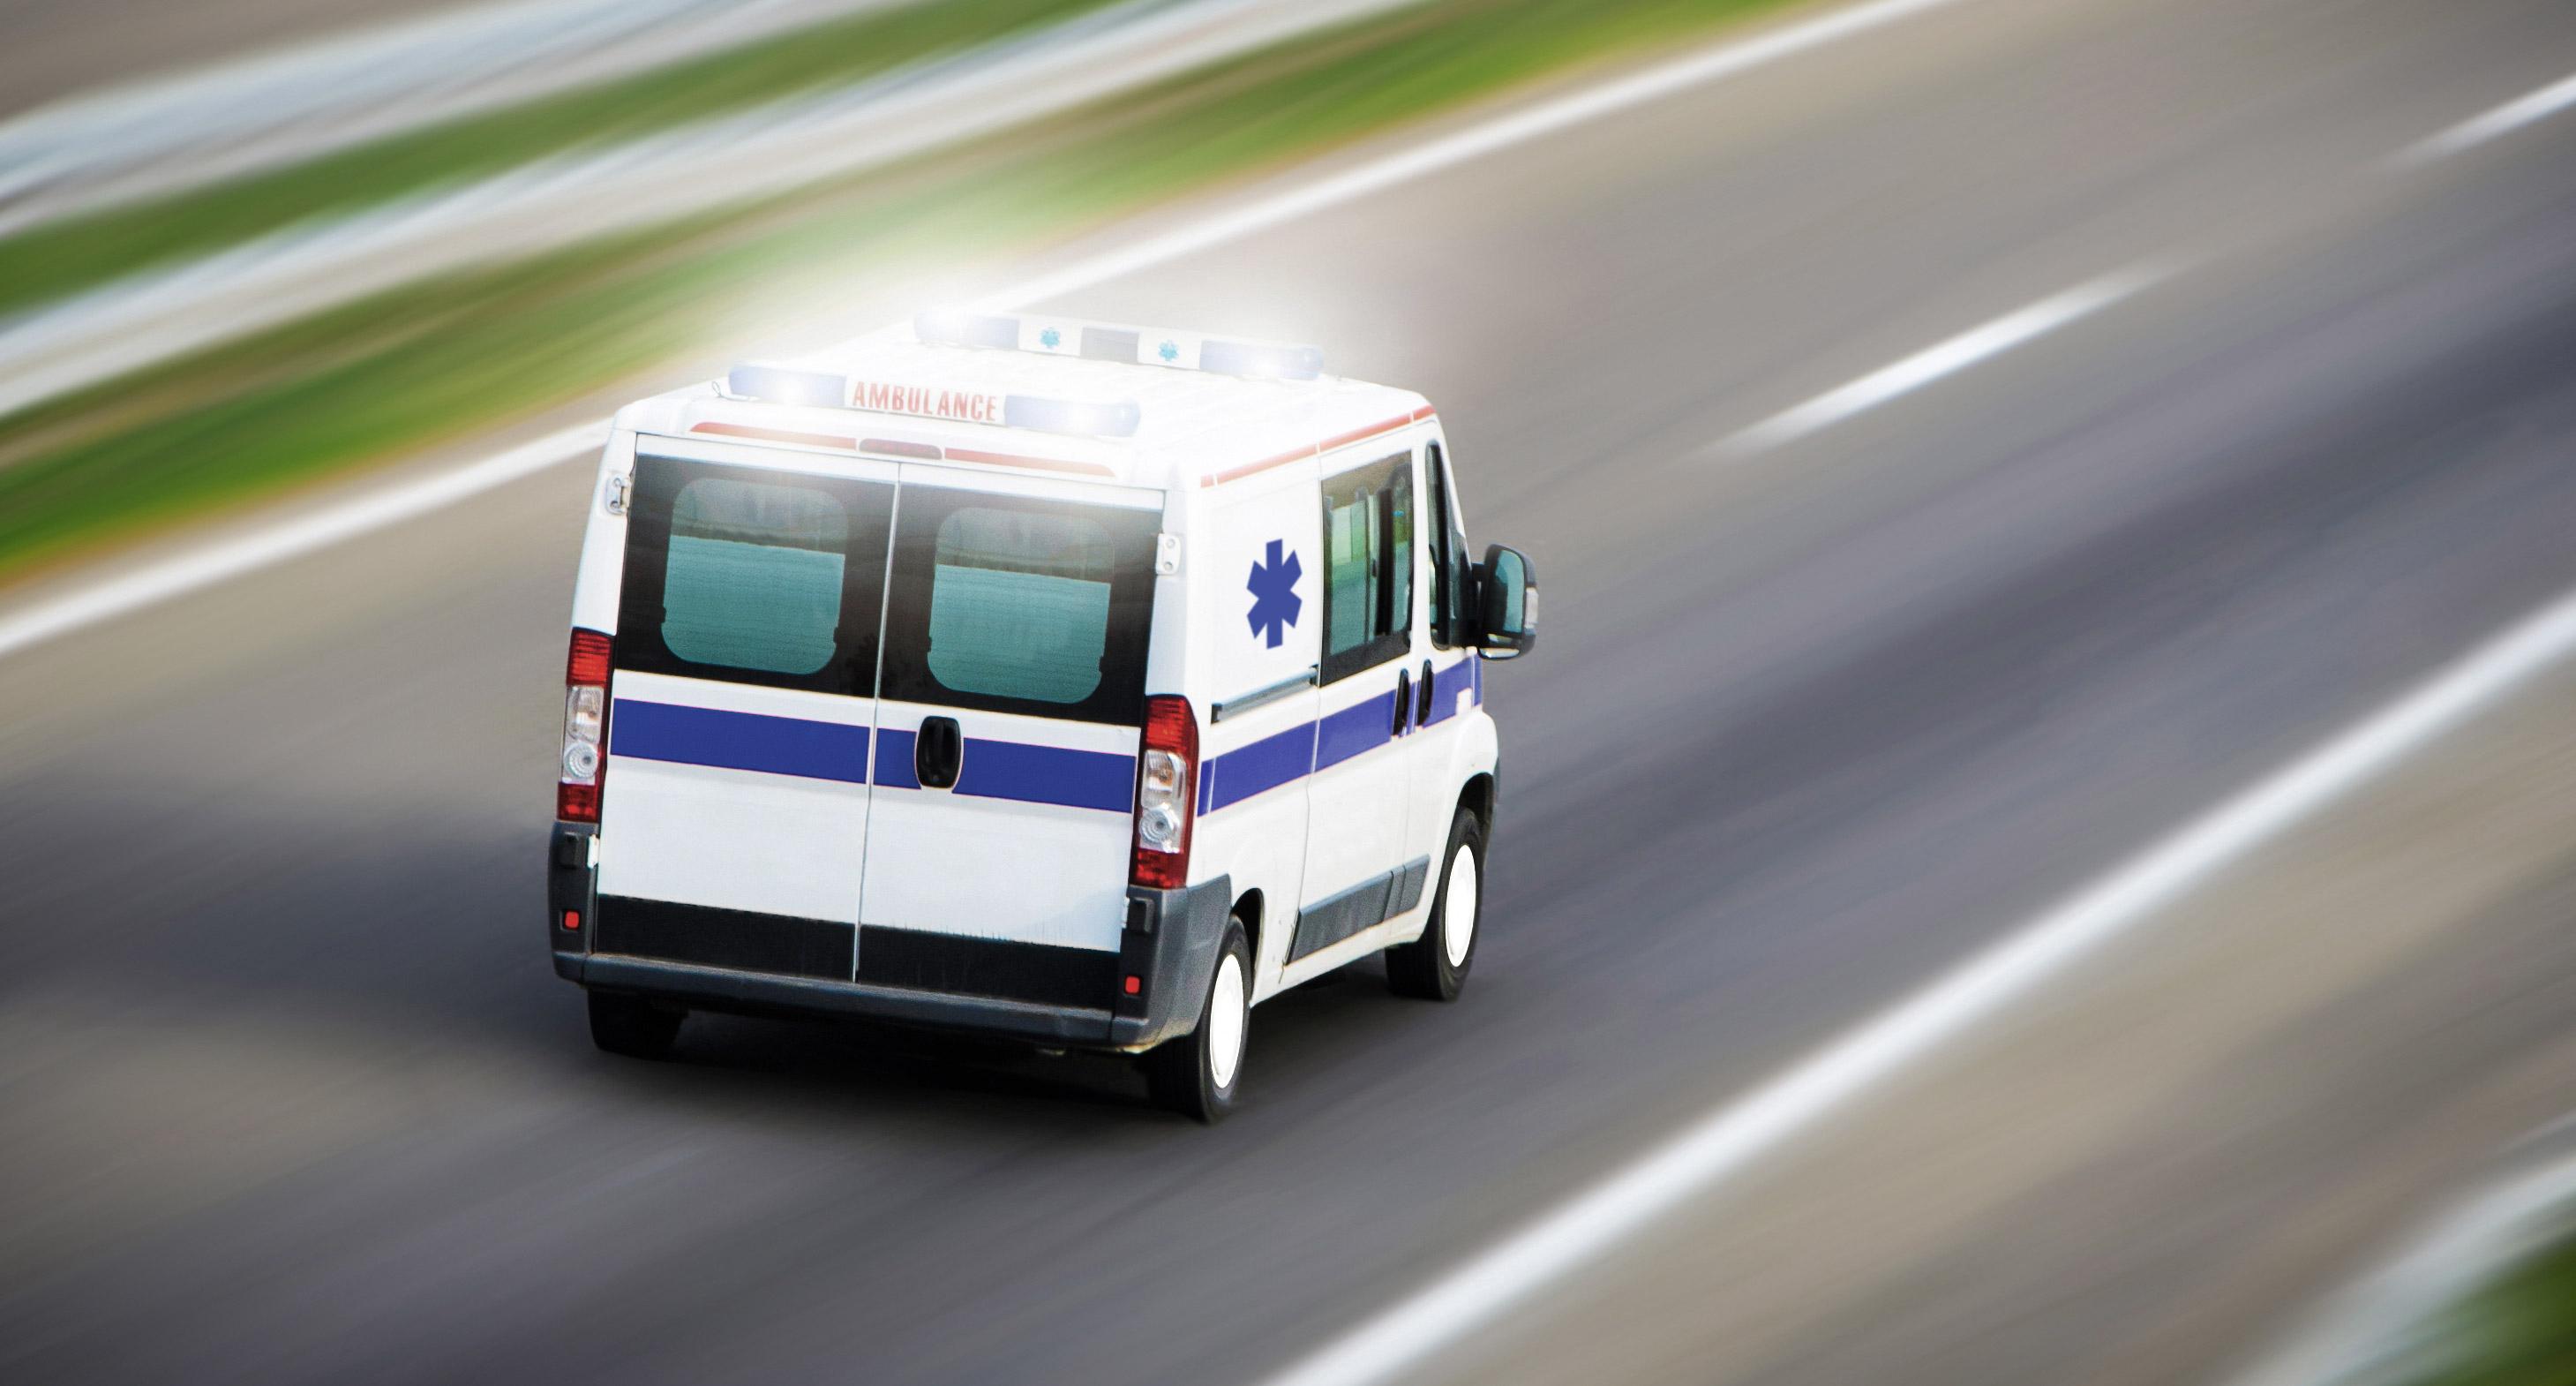 Ambulance longue distance